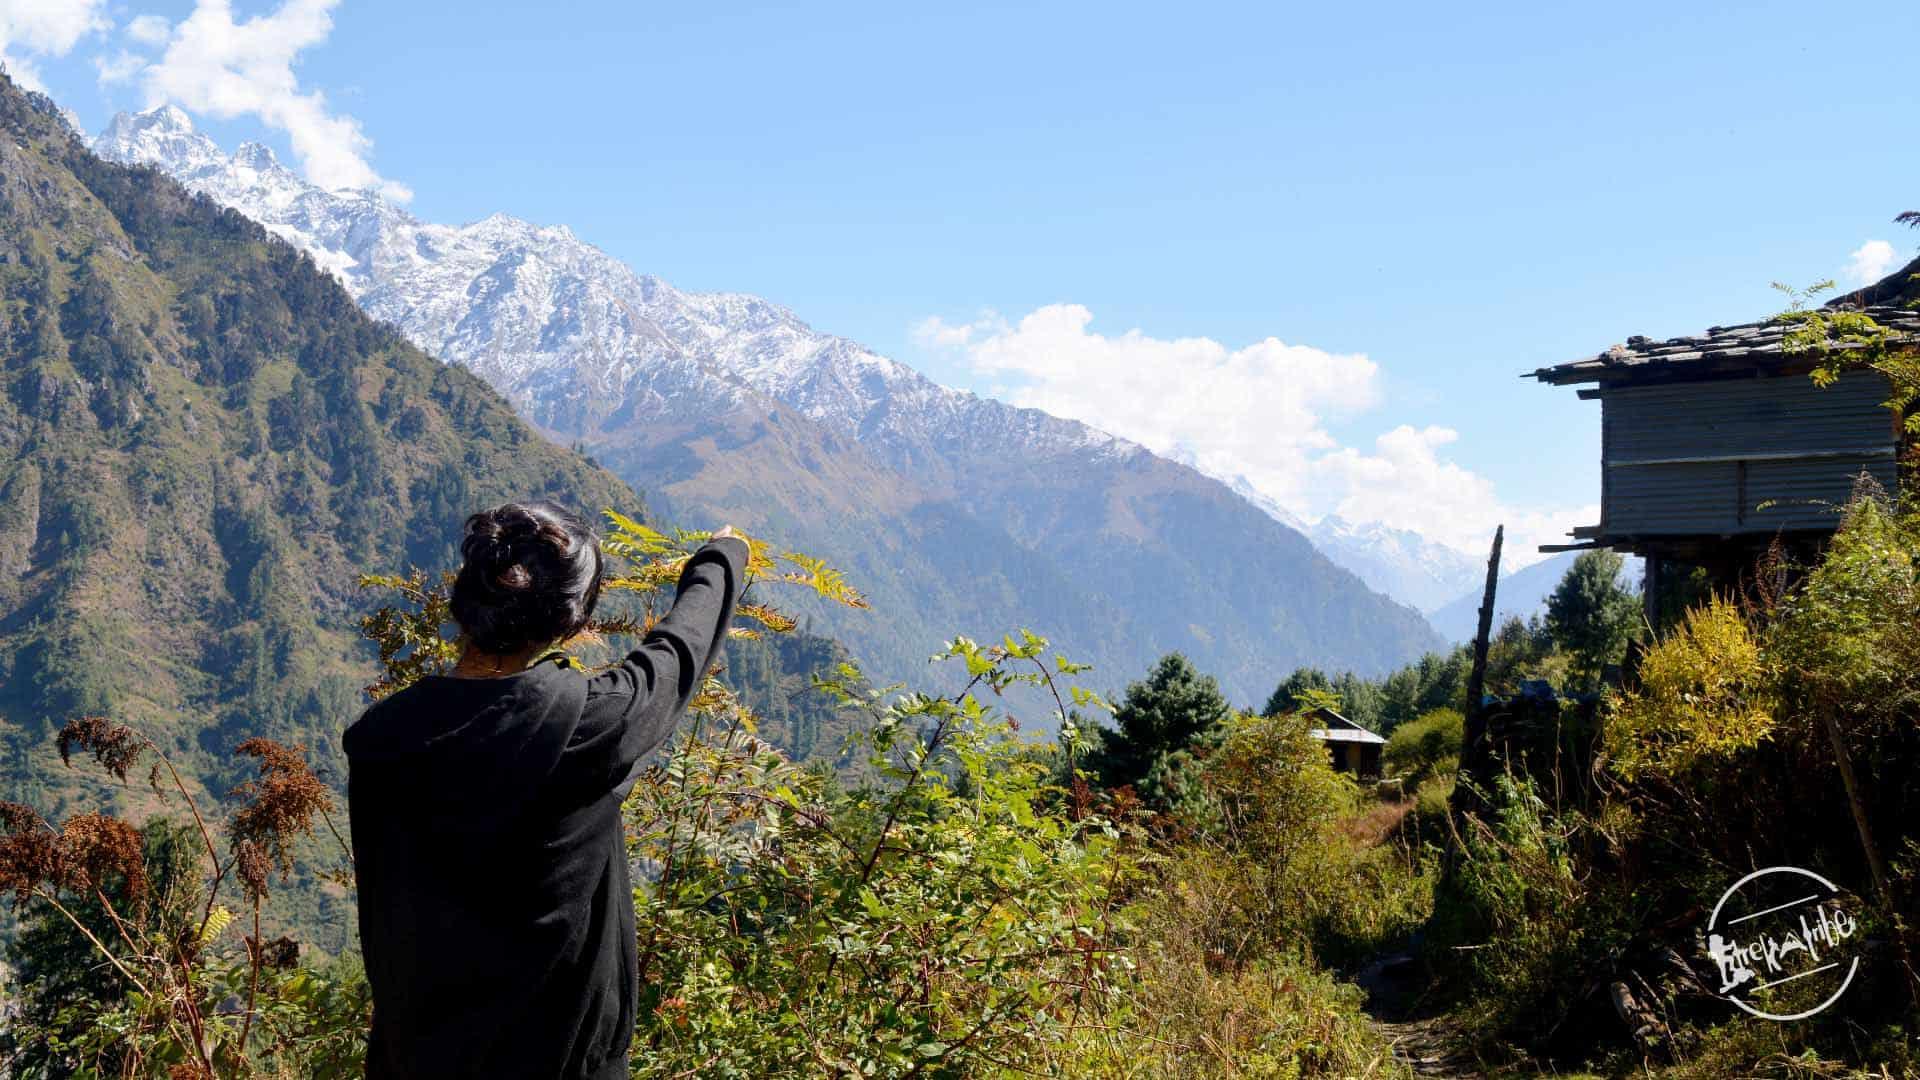 Rashol Trekking in Parvati Valley